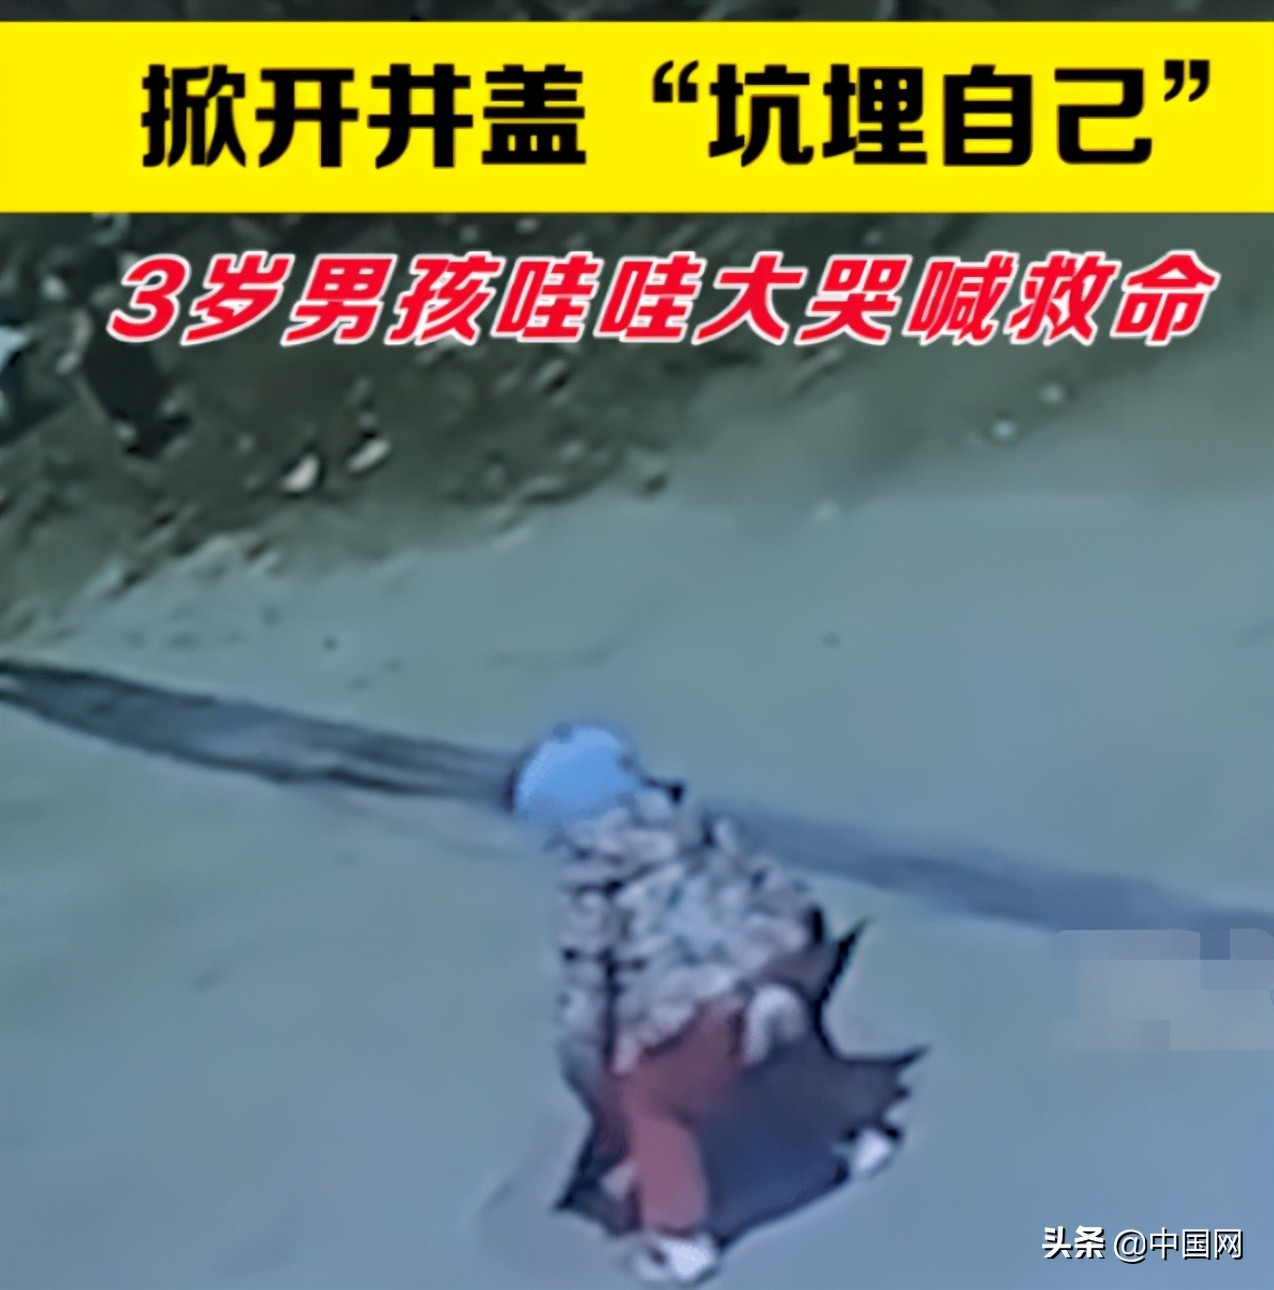 3岁男孩掀开下水井盖坠入井中,监控拍下揪心瞬间